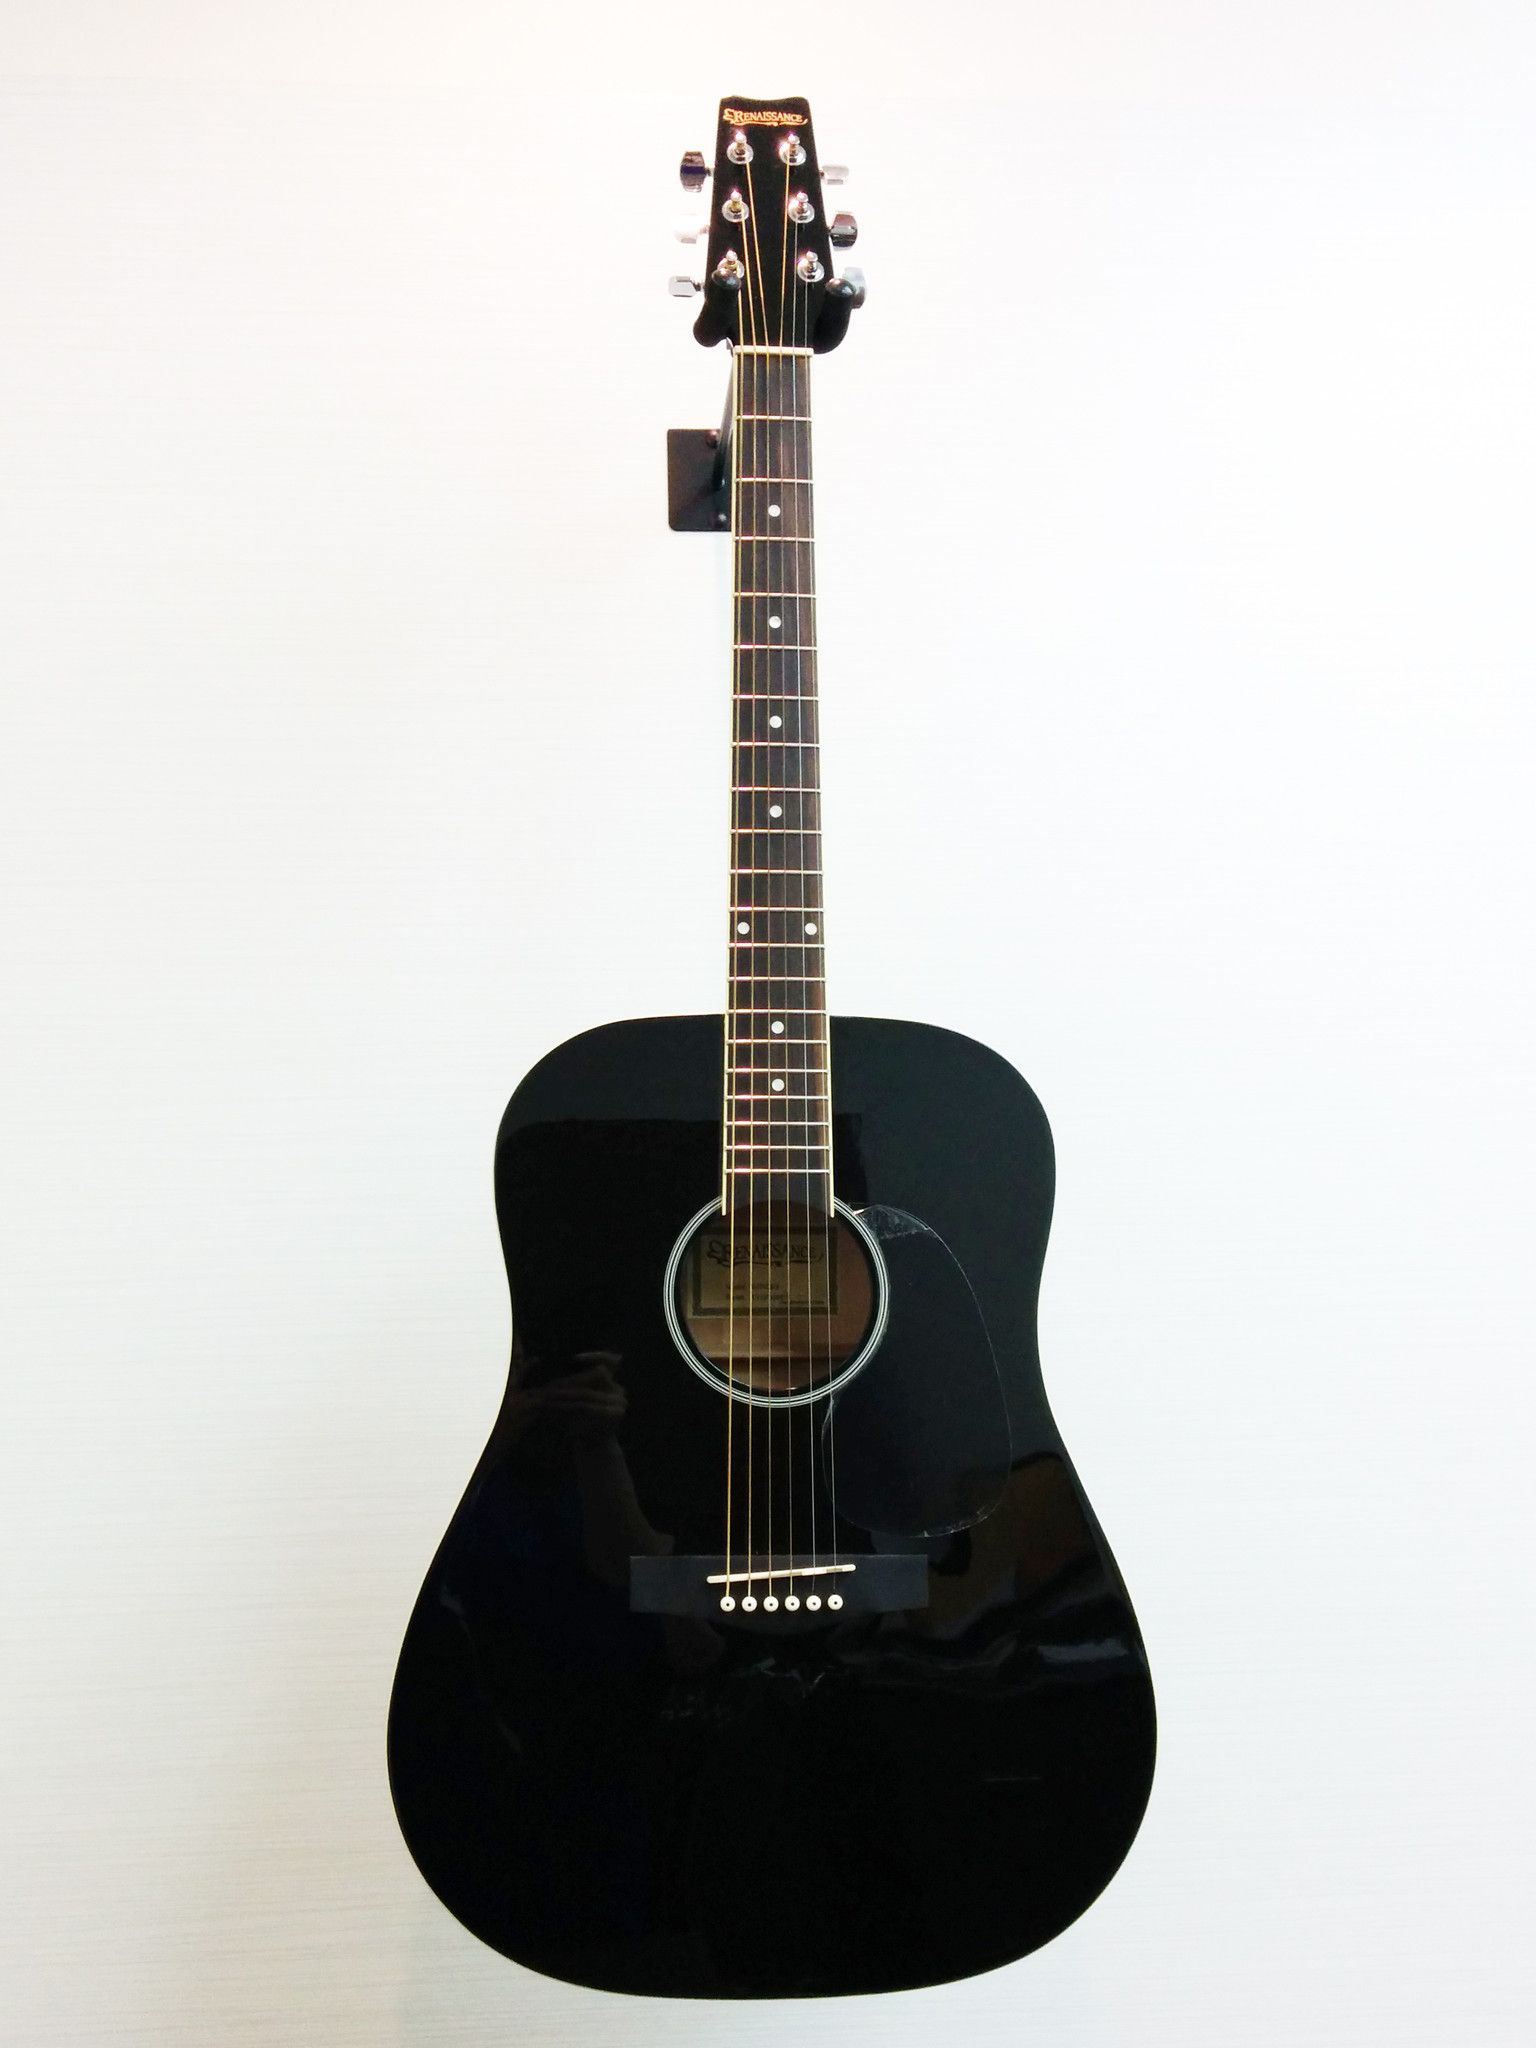 Renaissance Rg7550 Acoustic Guitar In Mint Condition Acoustic Guitar Guitar Guitars For Sale